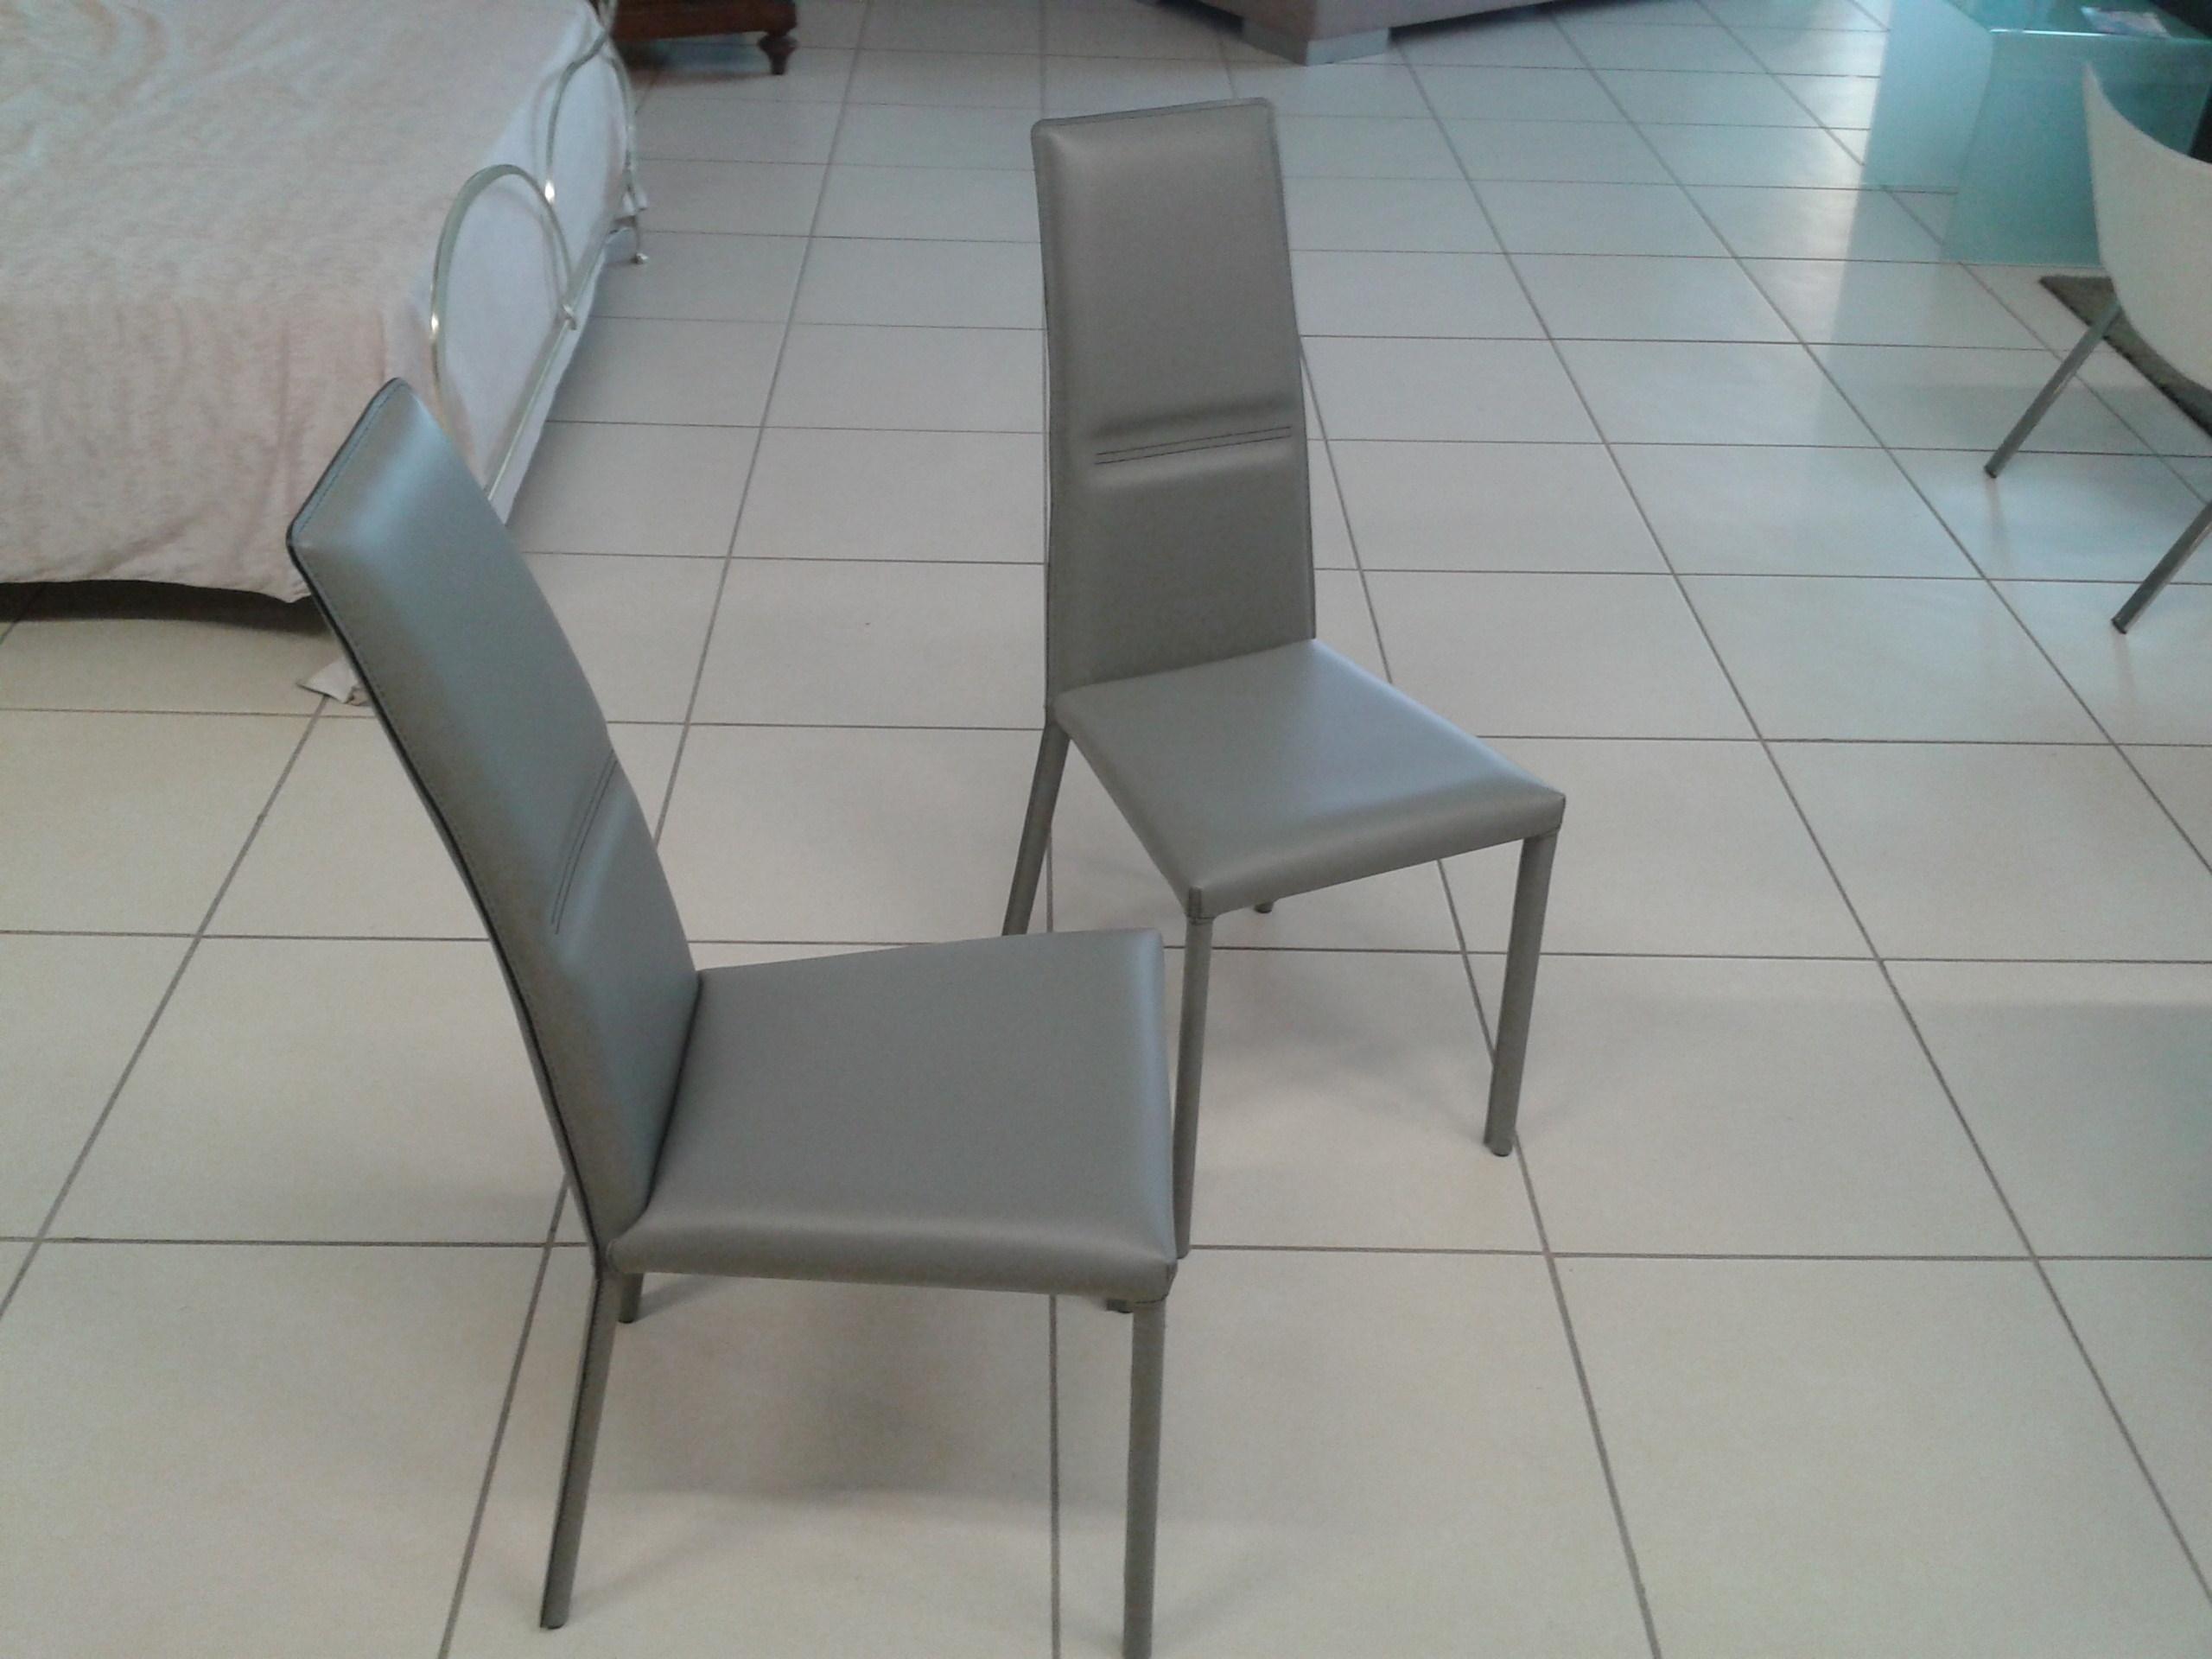 Sedie cuoio sedia yuta br julia sedia in ecopelle cuoio o pelle